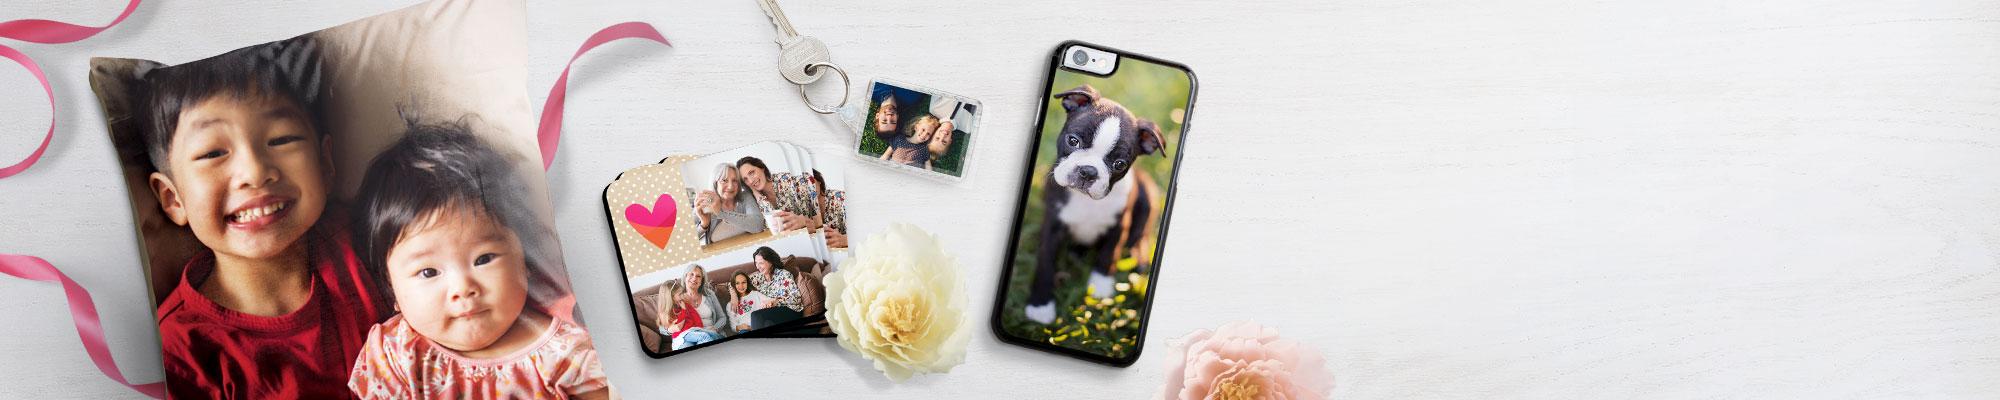 Cadeaux Photo personnalisés Créez des cadeaux personnalisés pour vos amis et votre famille. Offrez à vos proches des cadeaux qui comptent vraiment, uniques en leur genre.